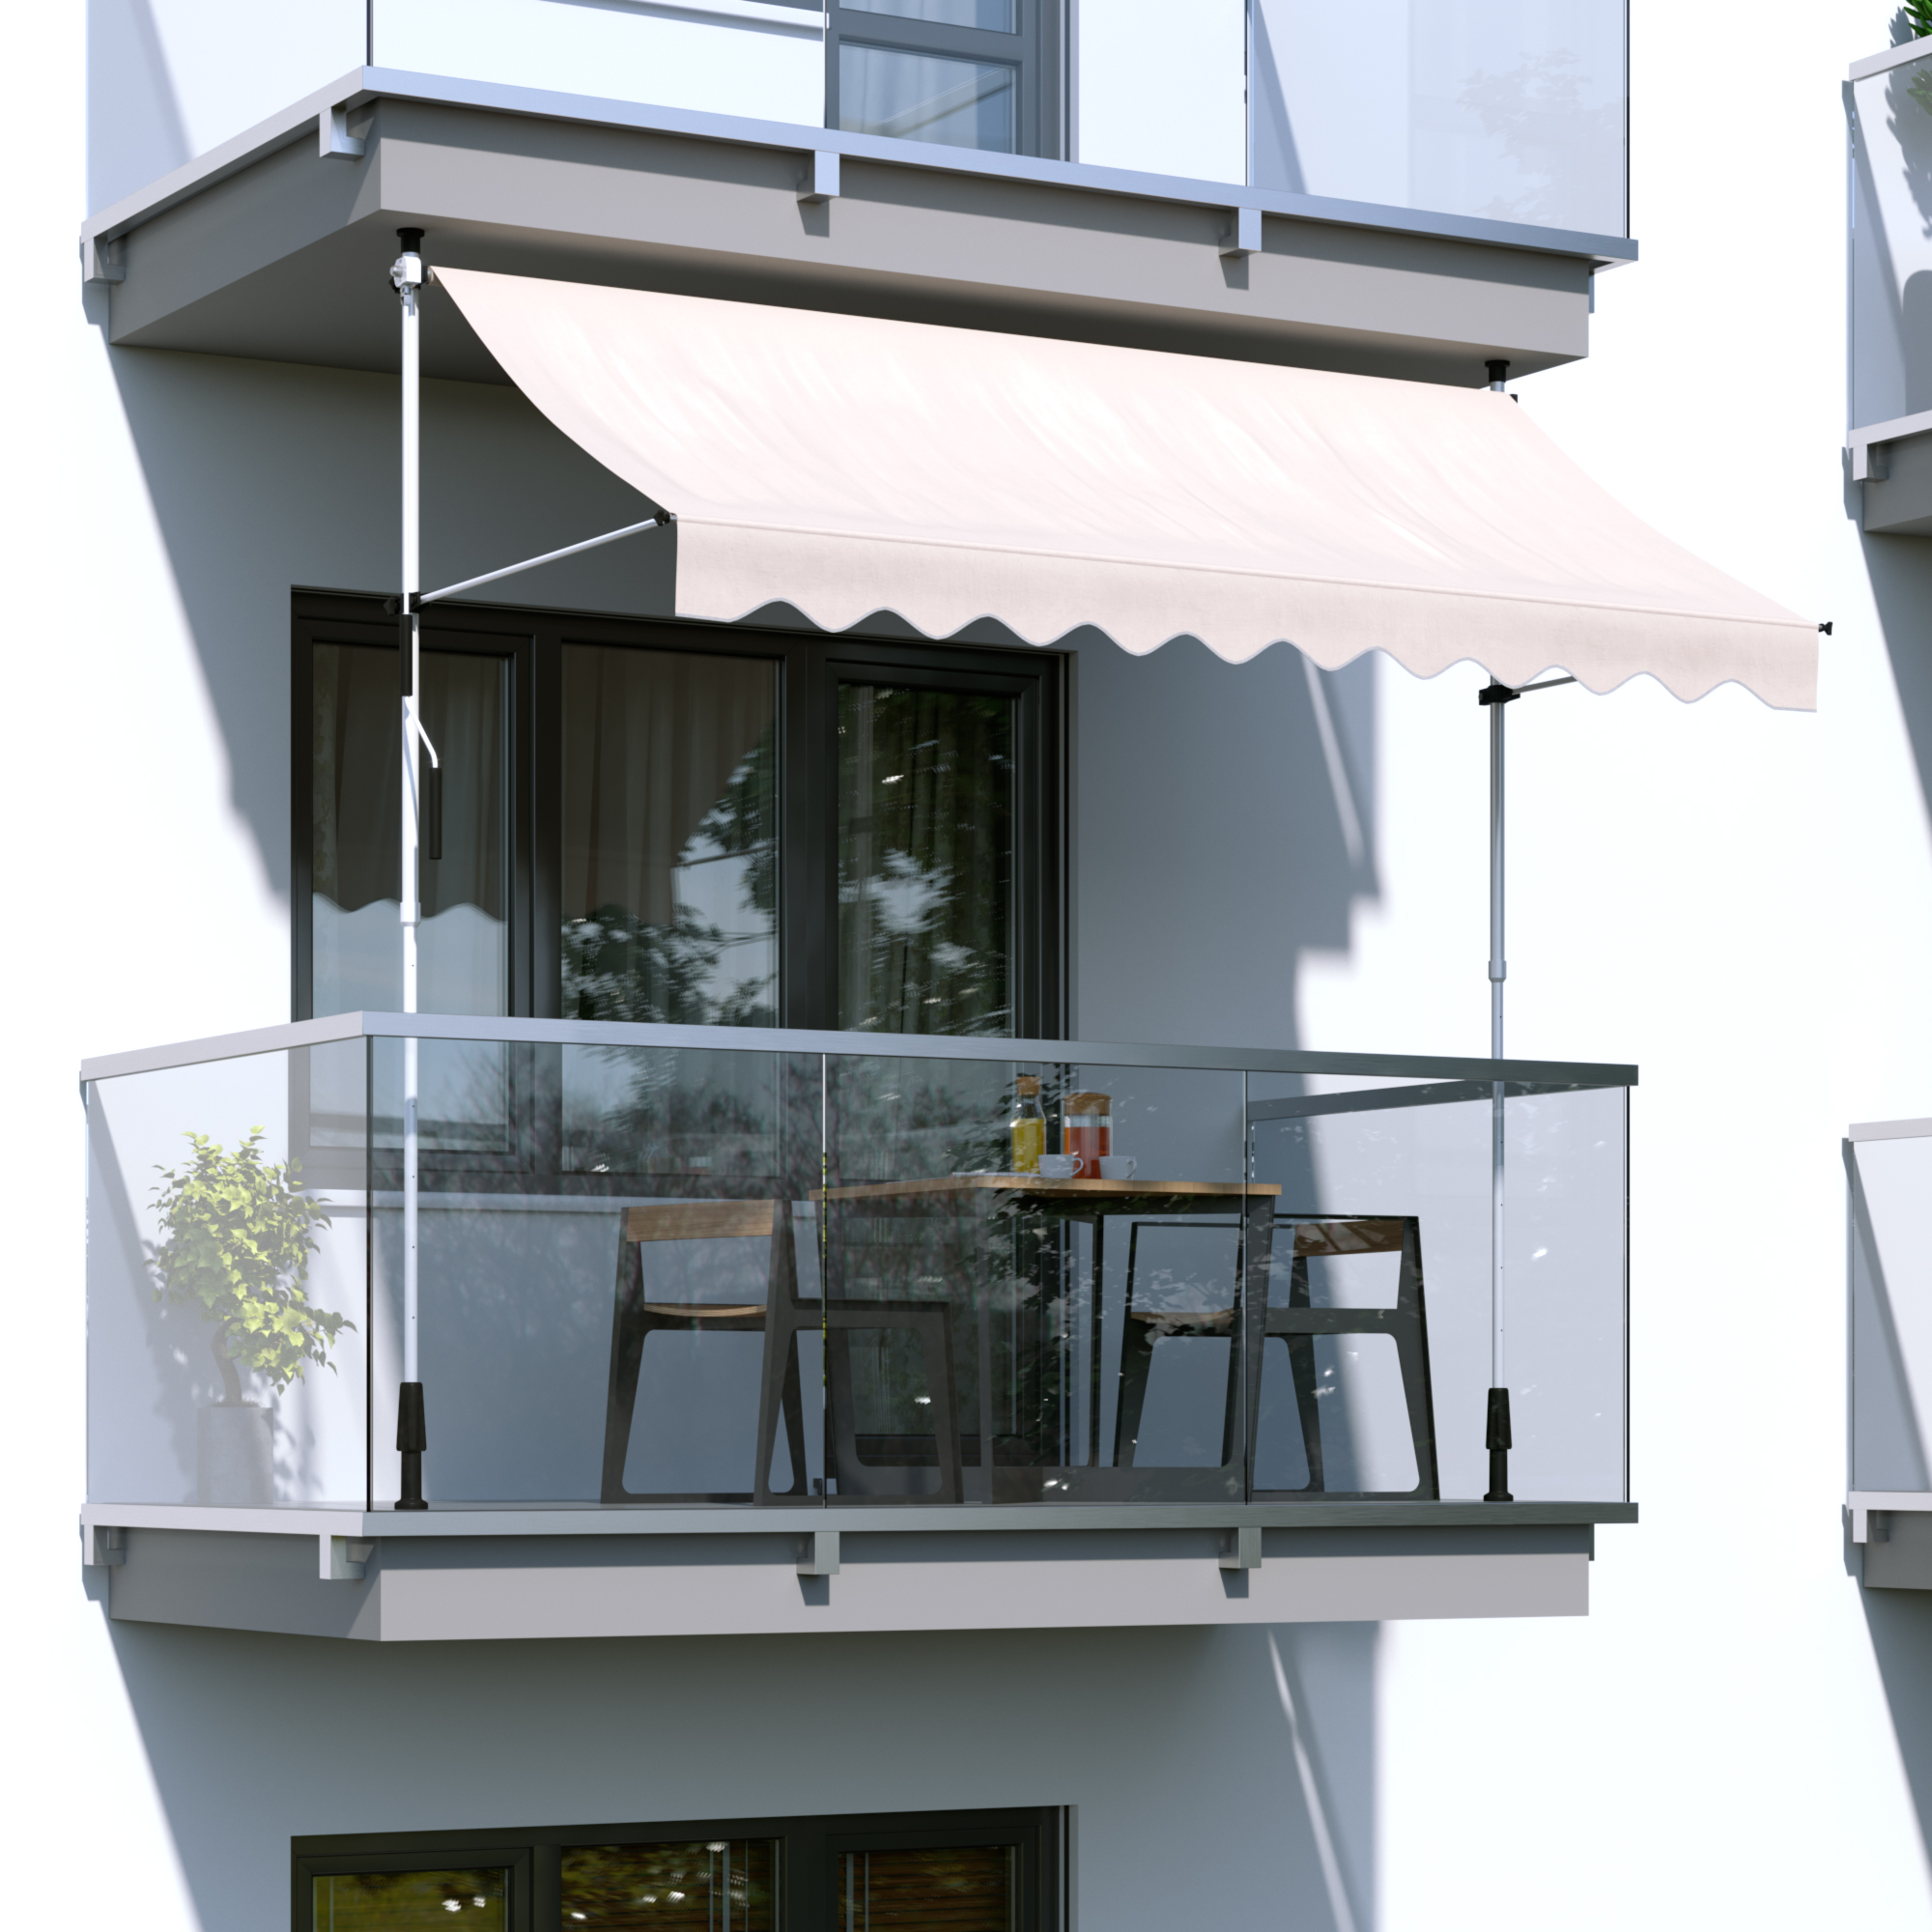 Indexbild 7 - Markise-Balkon-Klemmmarkise-Sonnenschutz-295x120cm-Creme-ohne-Bohren-B-Ware